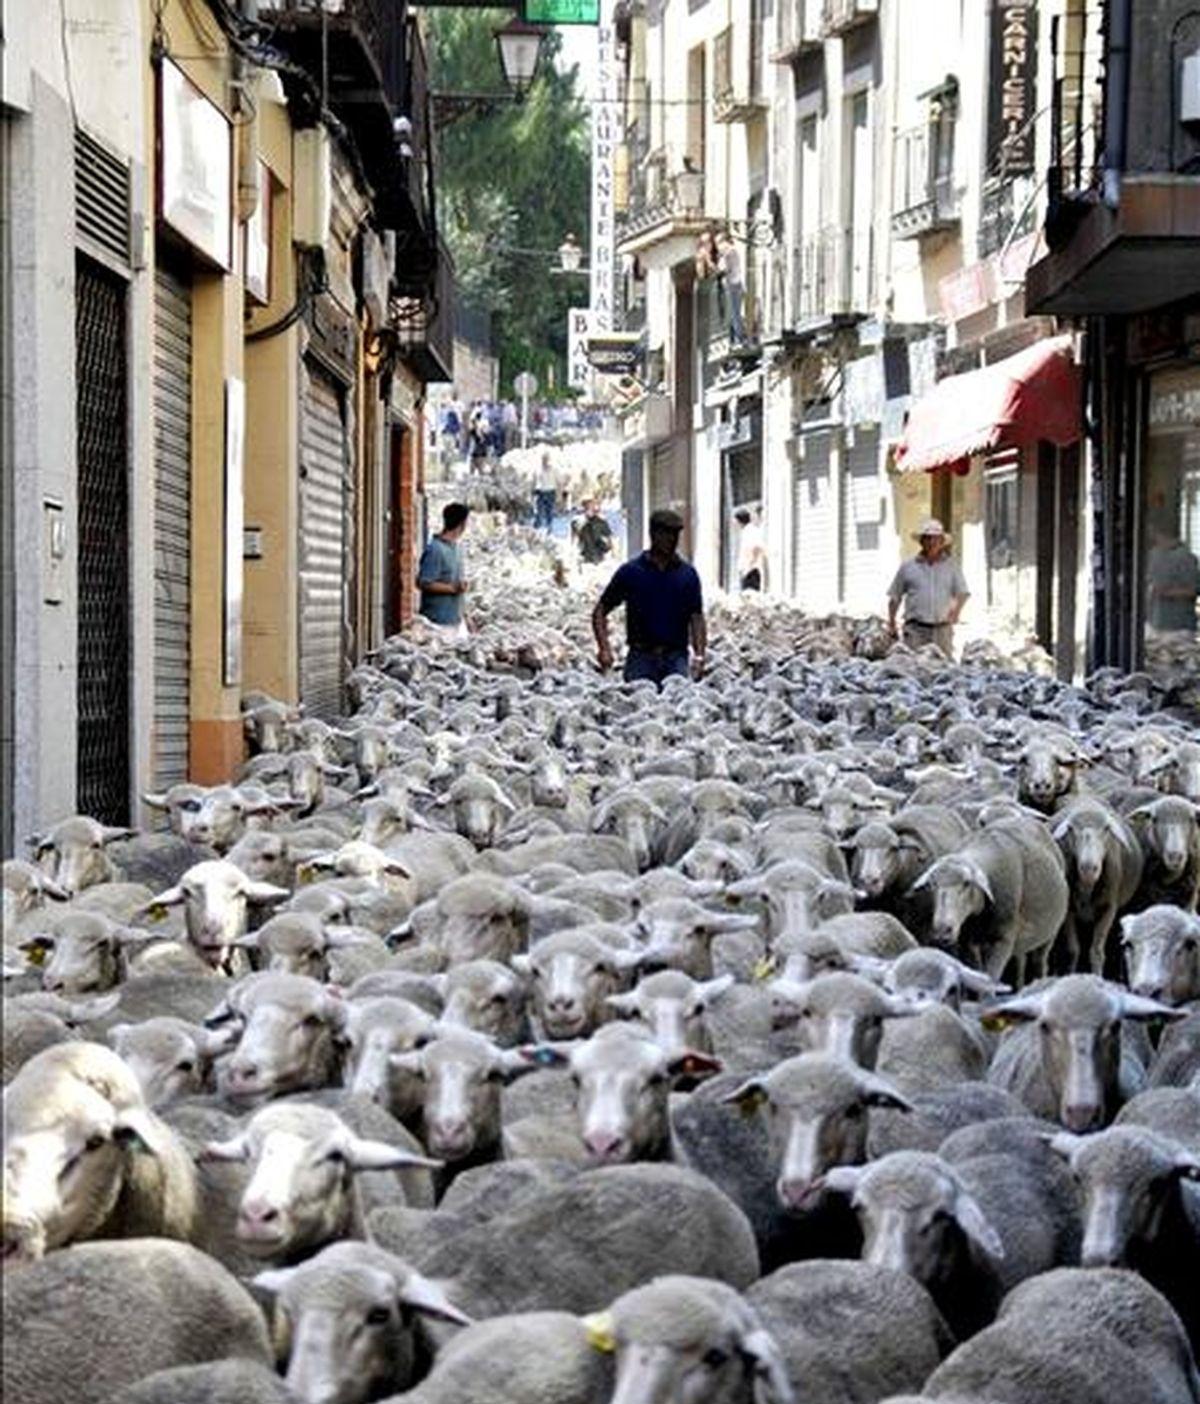 """Cerca de 2.200 ovejas merinas que pertenecen al consejo regulador de la denominación de origen protegido """"Queso de la Serena"""" han recorrido Segovia atravesando los principales monumentos de la ciudad. EFE"""